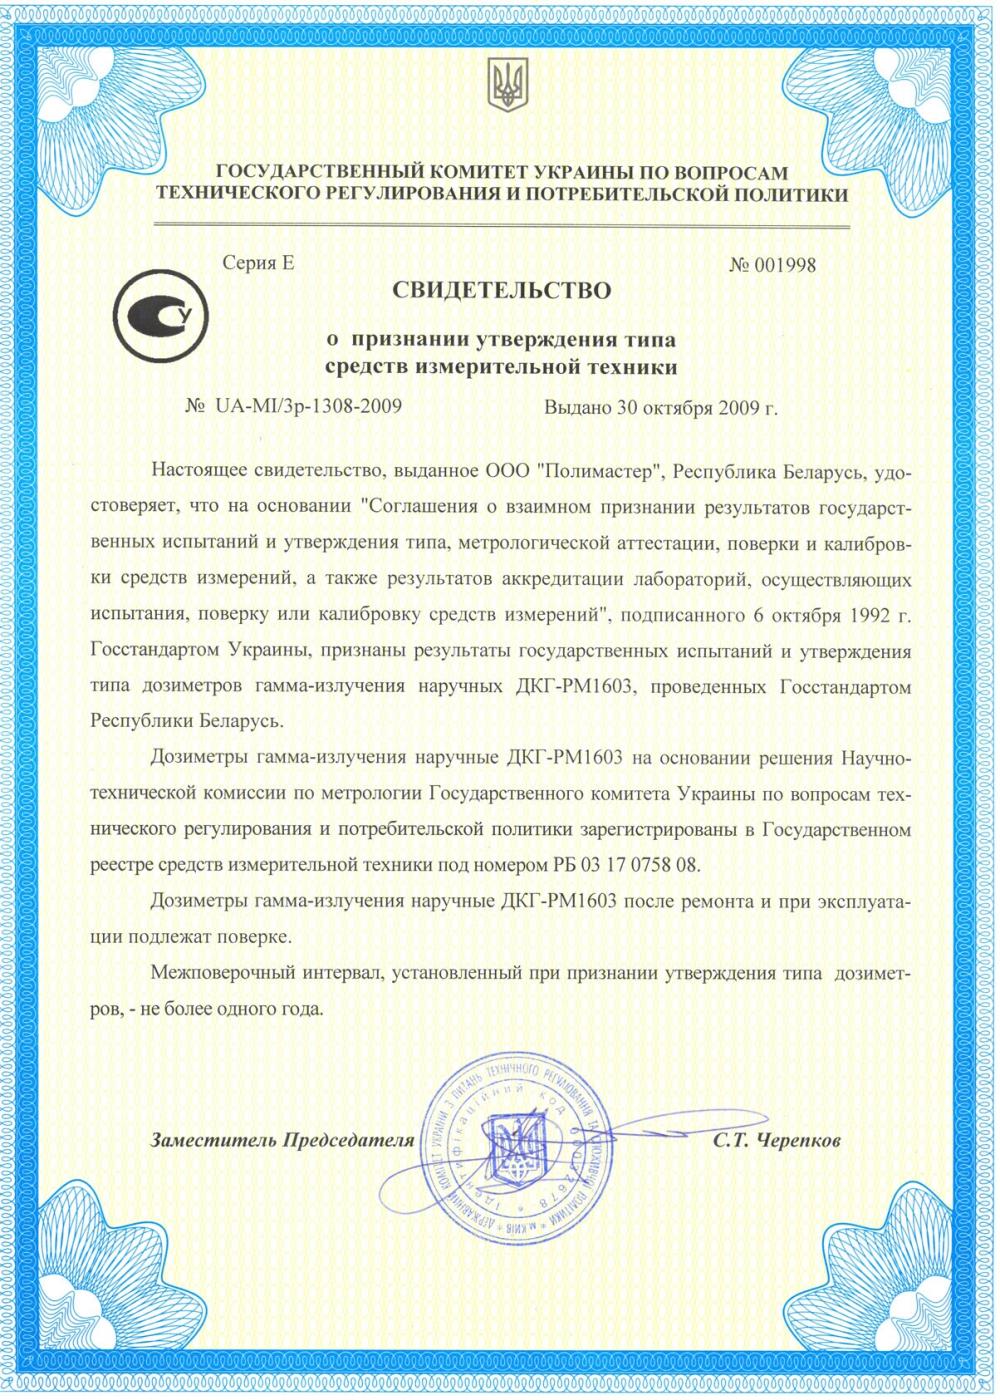 Дозиметр гамма-излучения наручный ДКГ-РМ1603А - 4